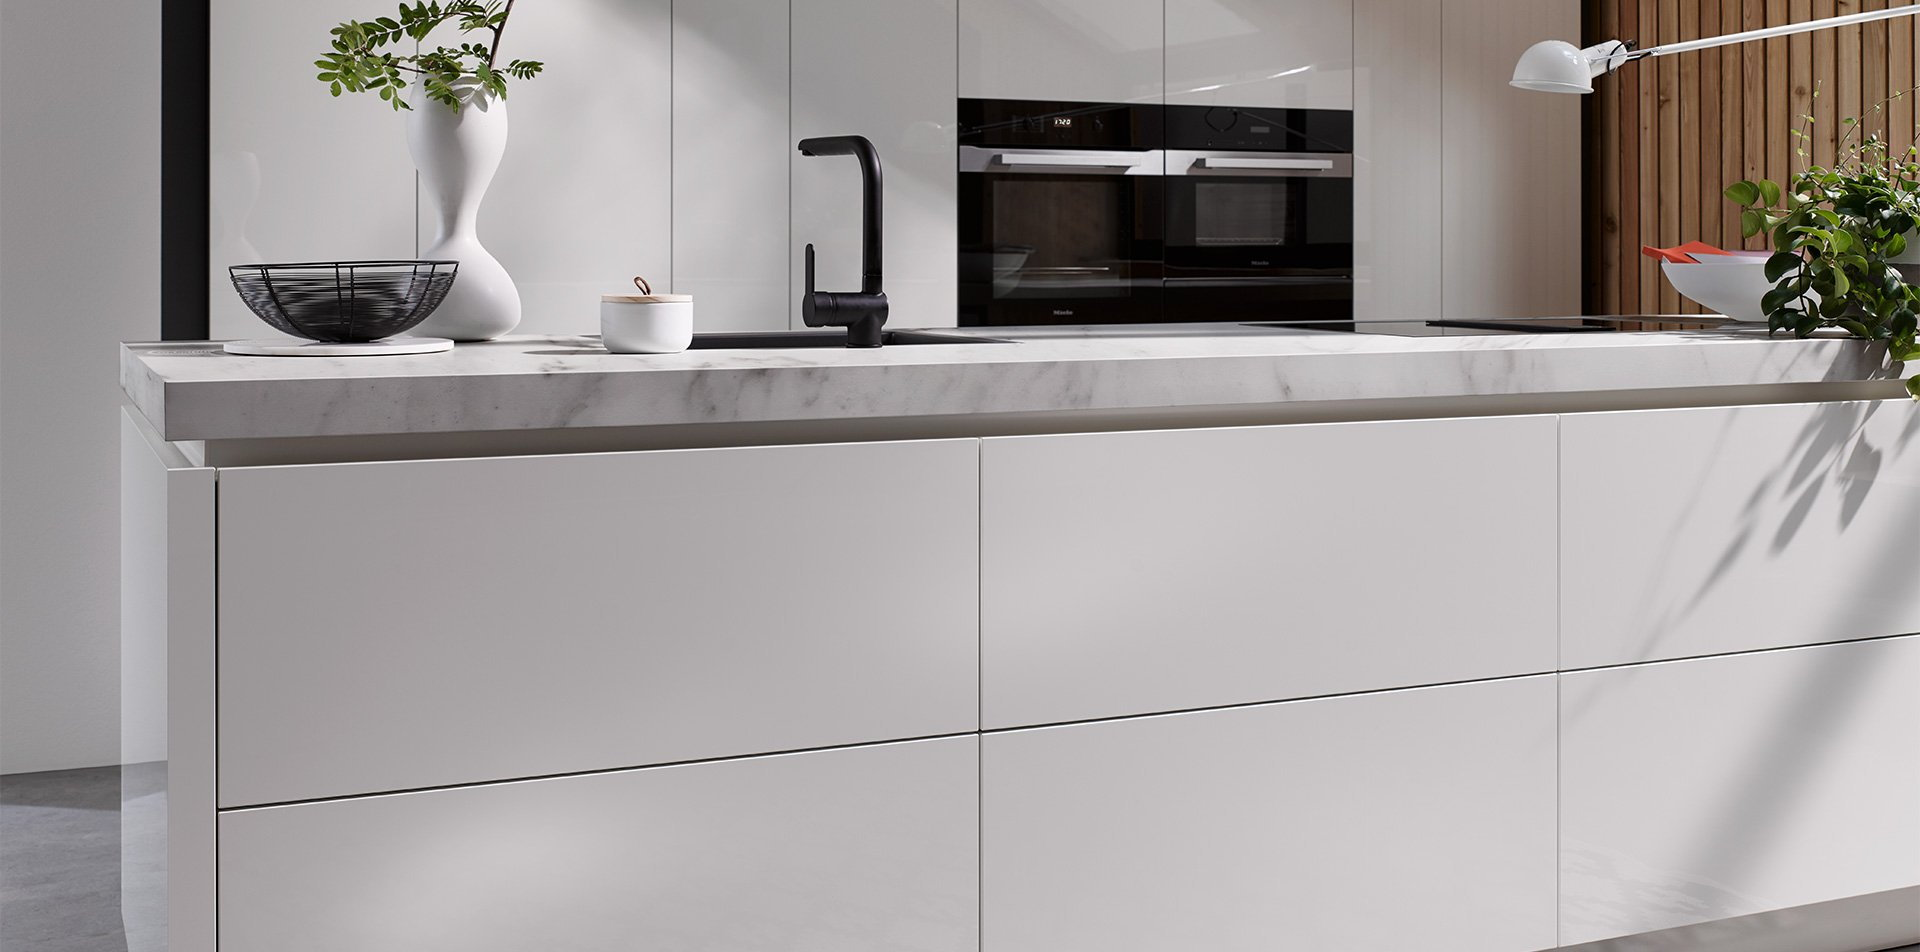 Witte keuken met witte keellijsten - Häcker design keuken AV 2030 GL